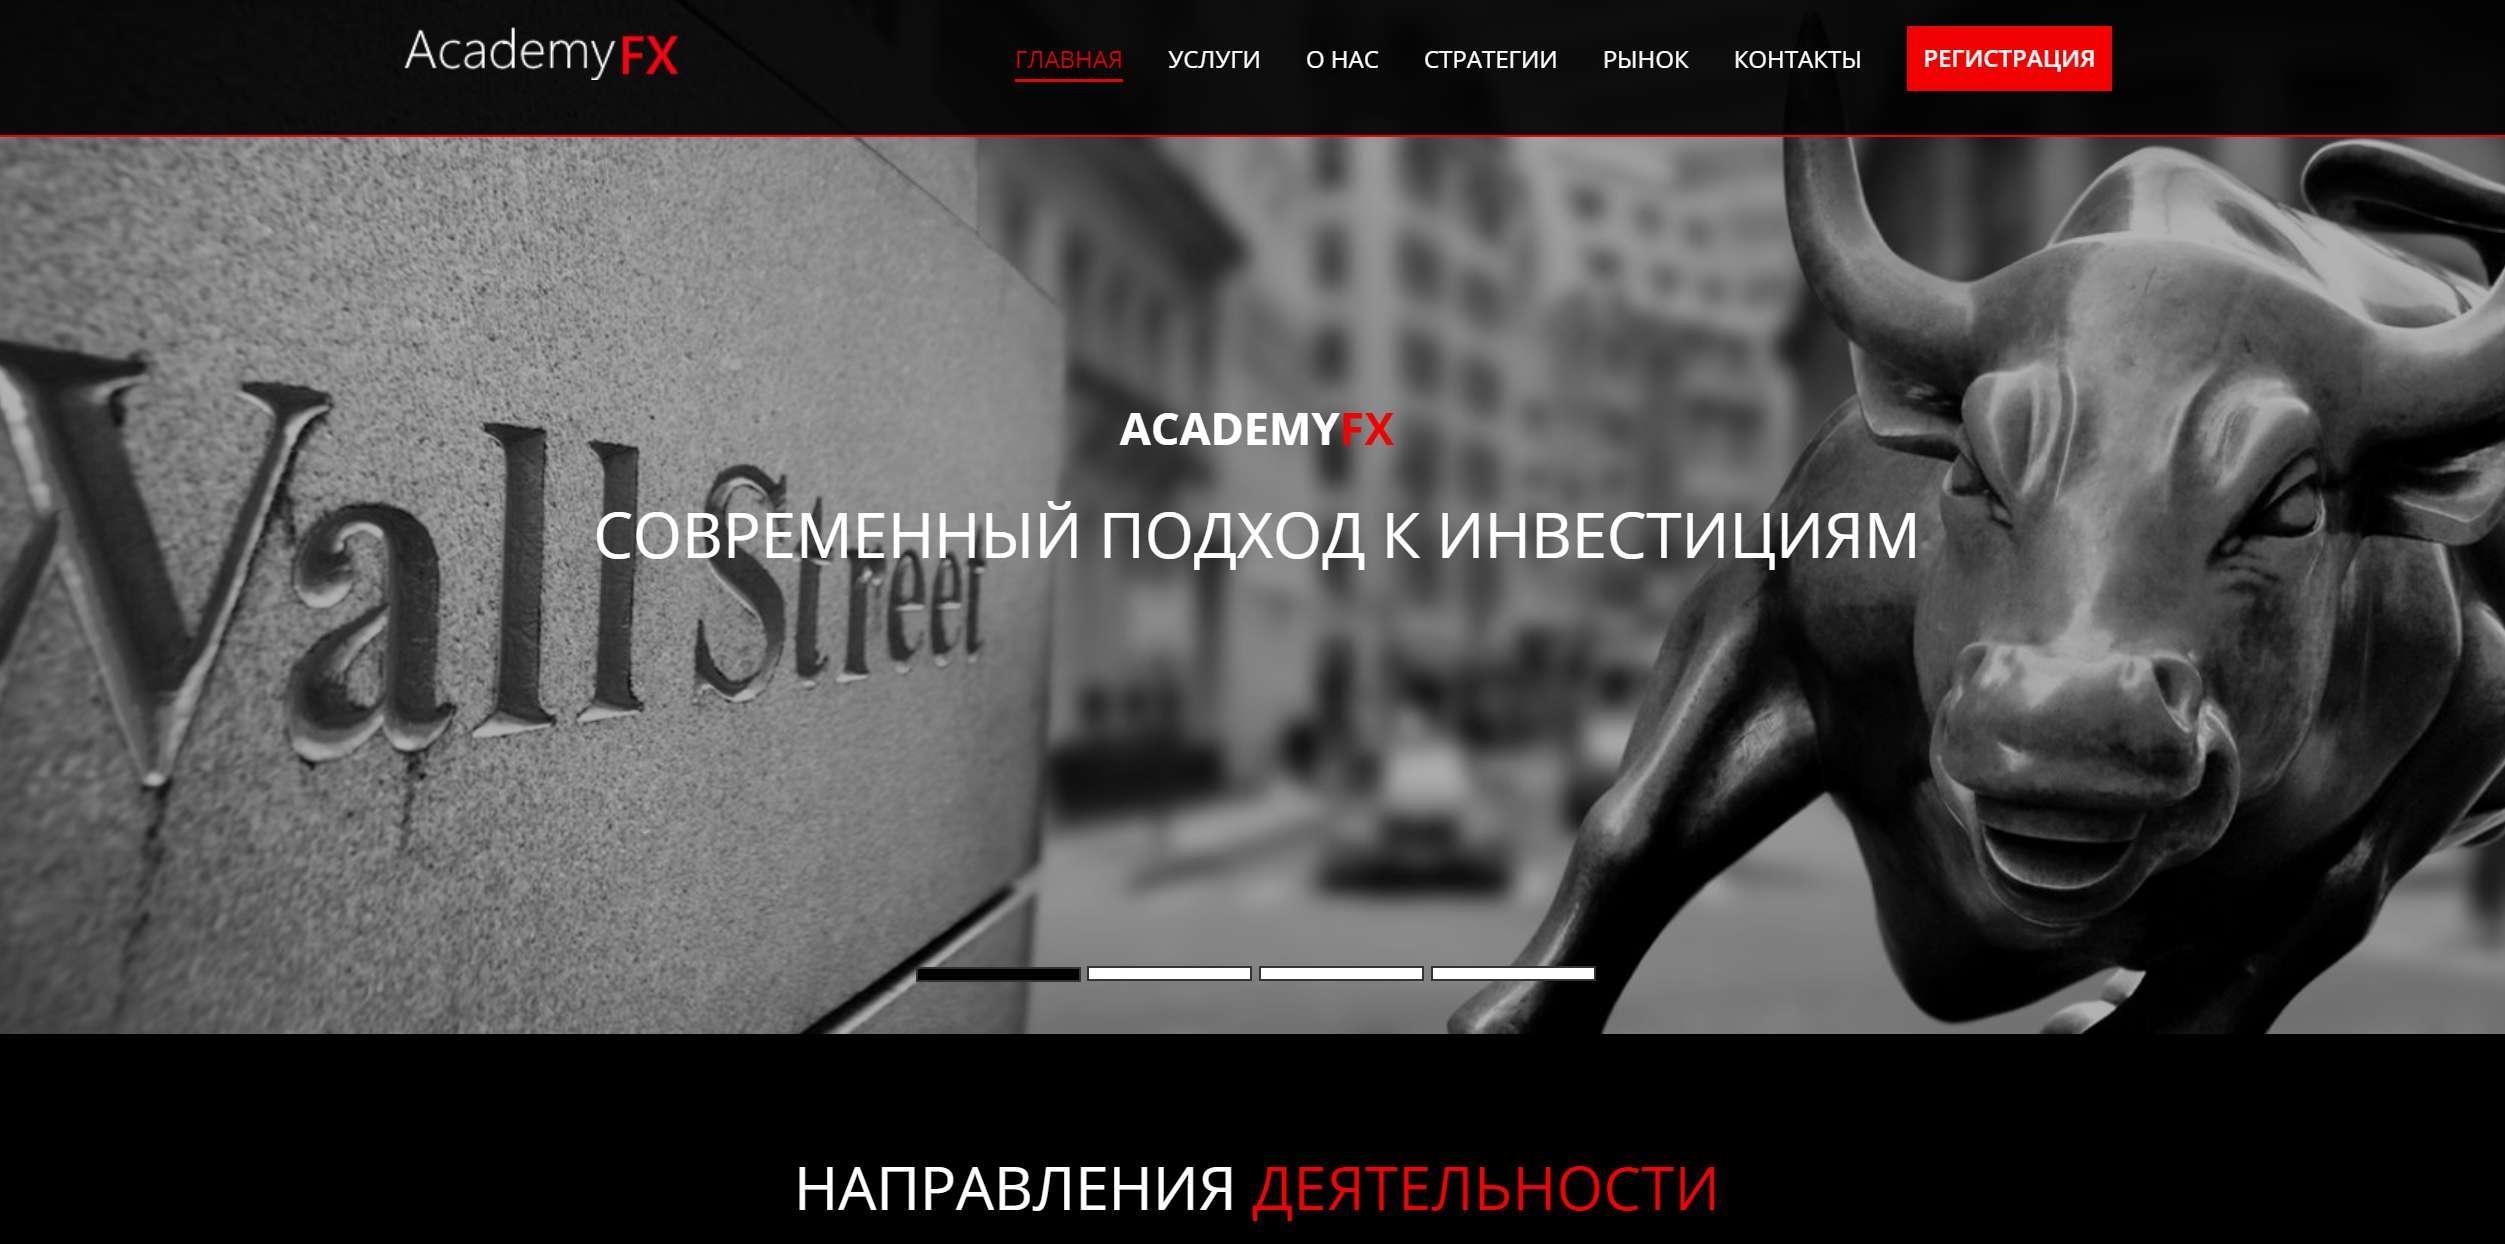 Обзор и мнение об AcademyFX - готовы платить за непонятное? признаки обмана.